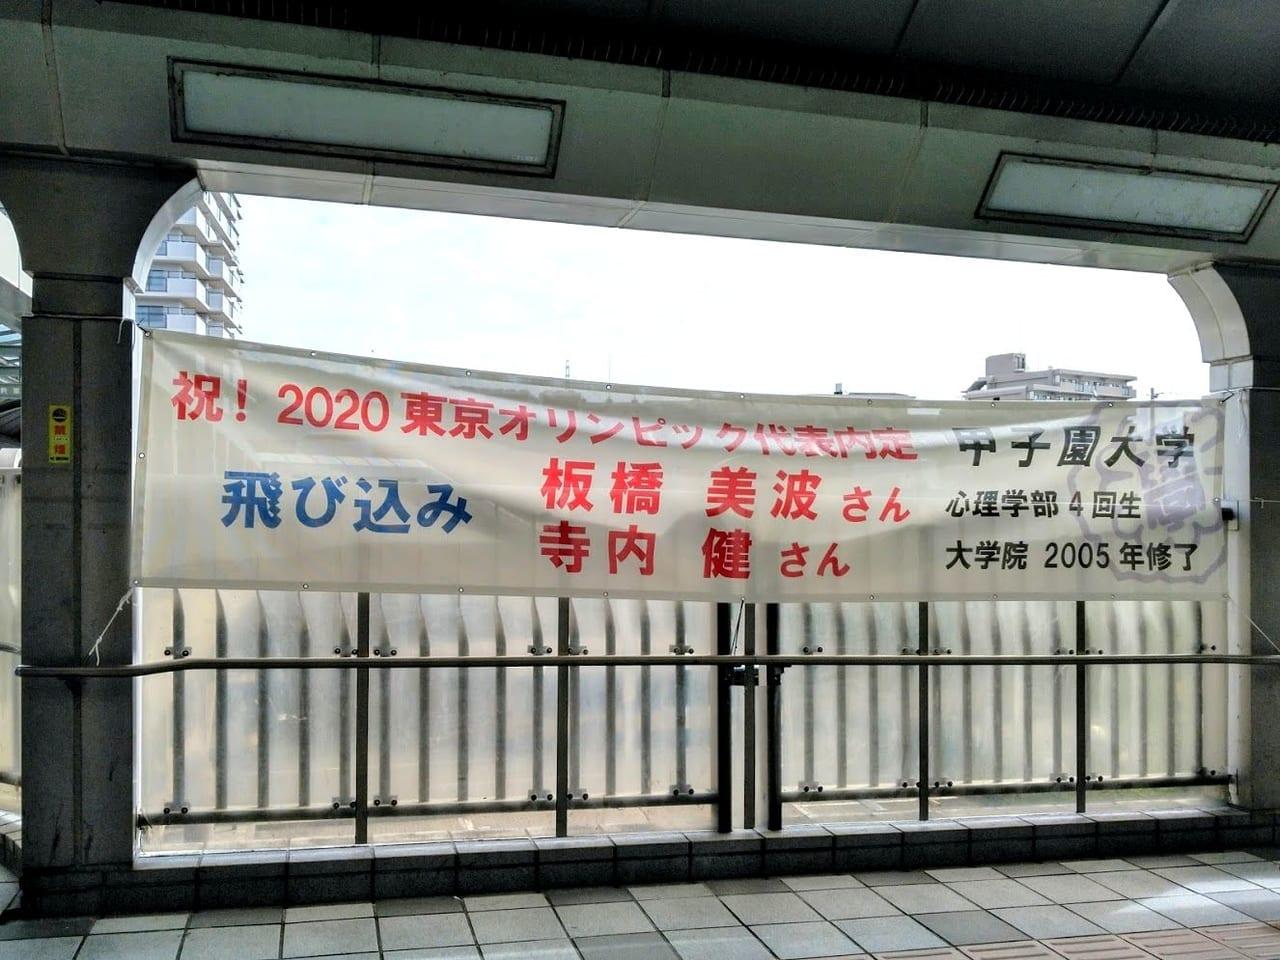 祝東京オリンピック出場/寺内健さん板橋美波さん